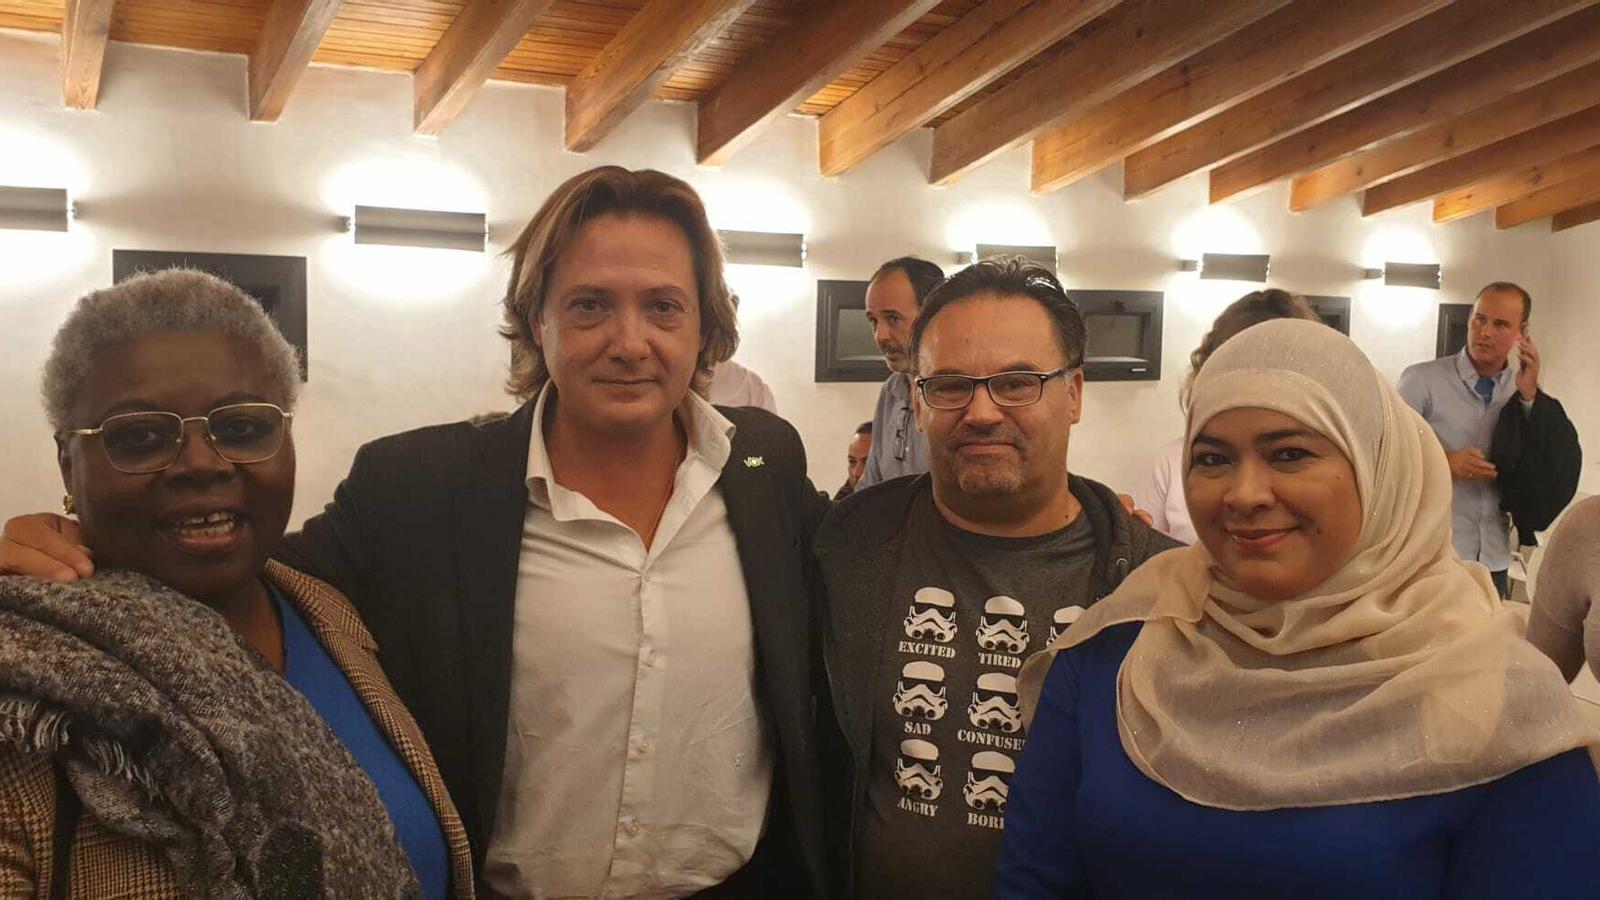 La candidata al Congrés Lola Nchaso, el líder de Vox a les Balears, Jorge Campos, i dos simpatitzants del partit a un acte de campanya celebrat a Inca